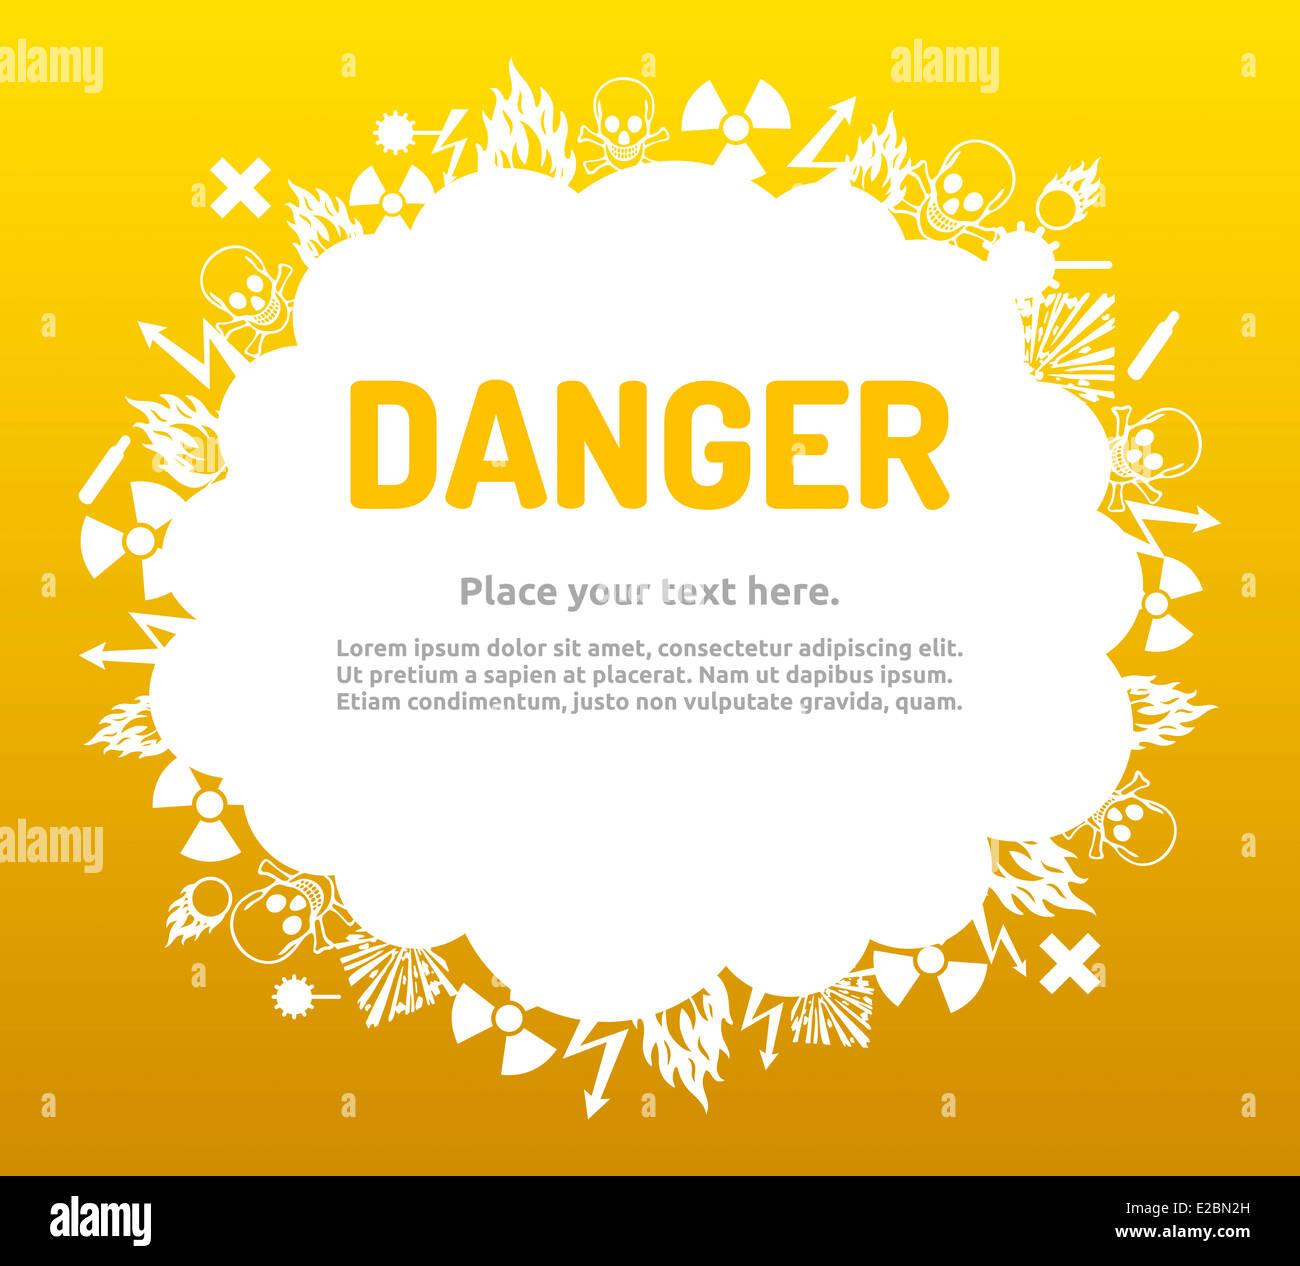 Wunderbar Gefahr Leere Vorlage Bilder - Beispiel Wiederaufnahme ...